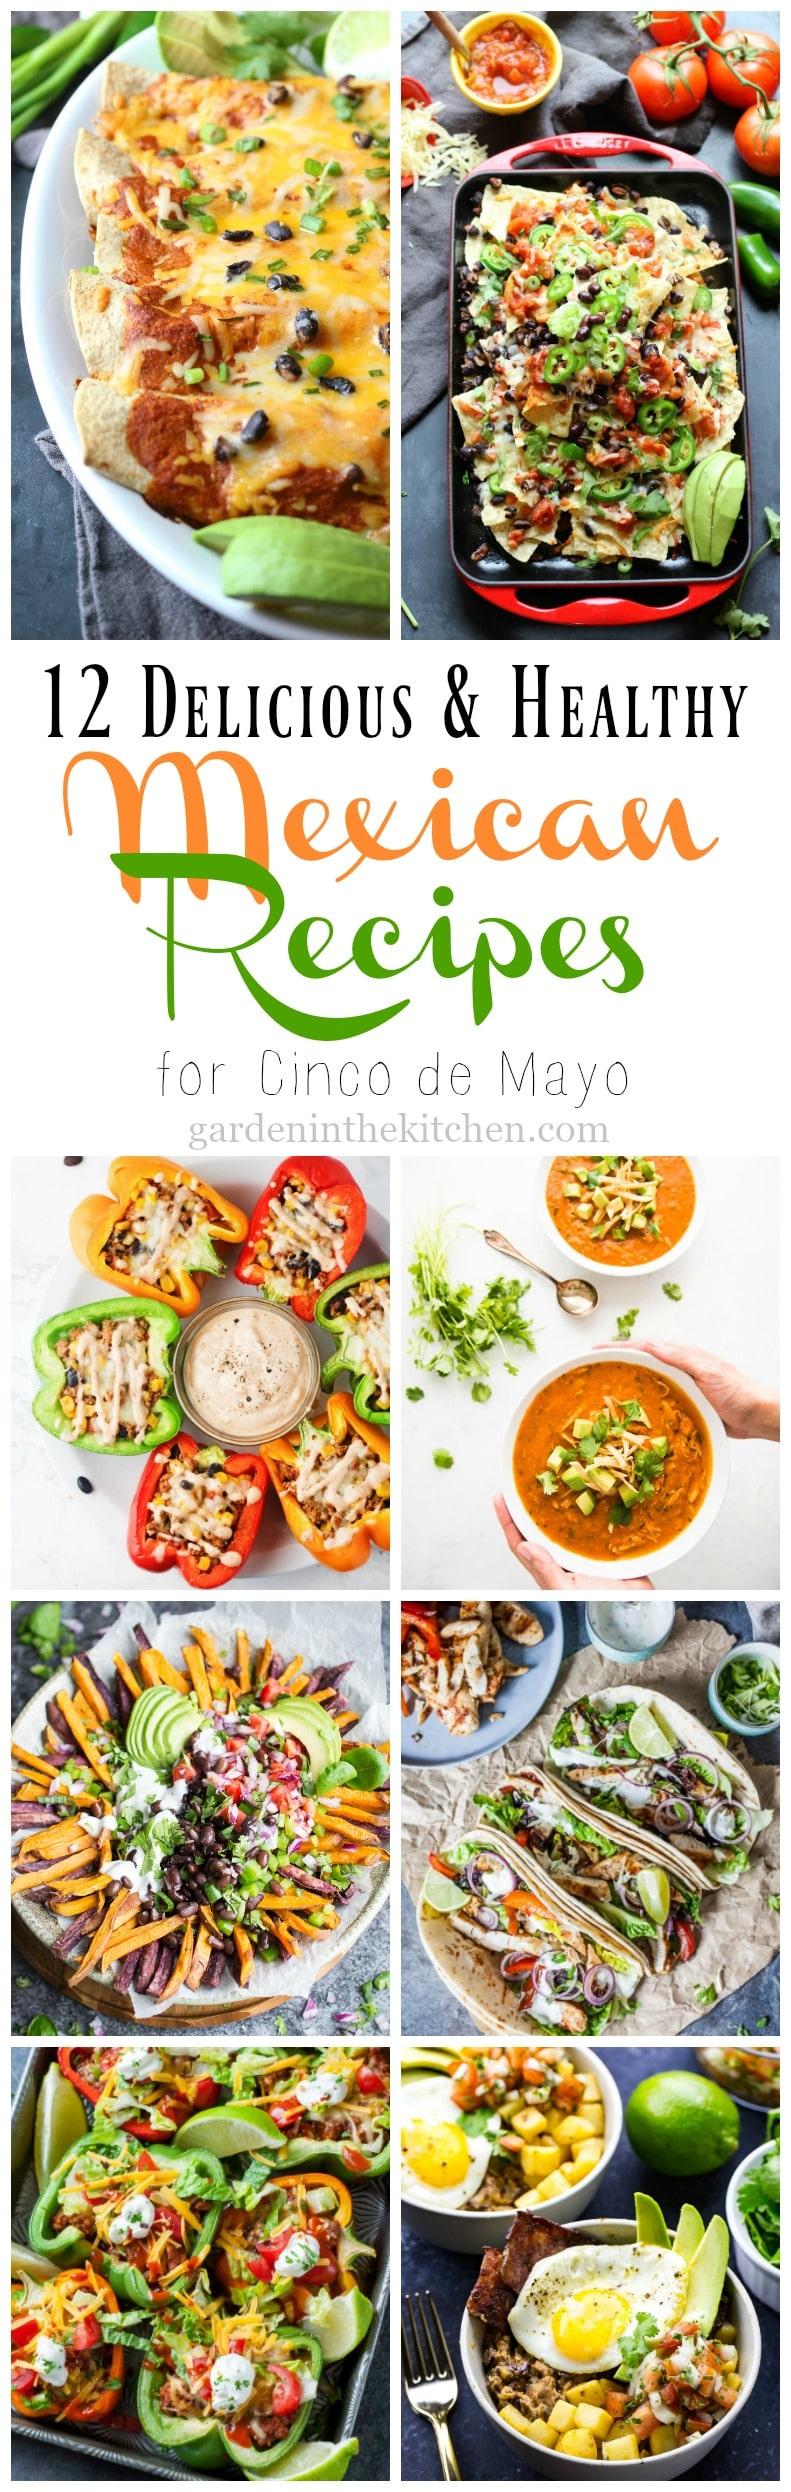 12 Delicious and Healthy Mexican Recipes for Cinco de Mayo